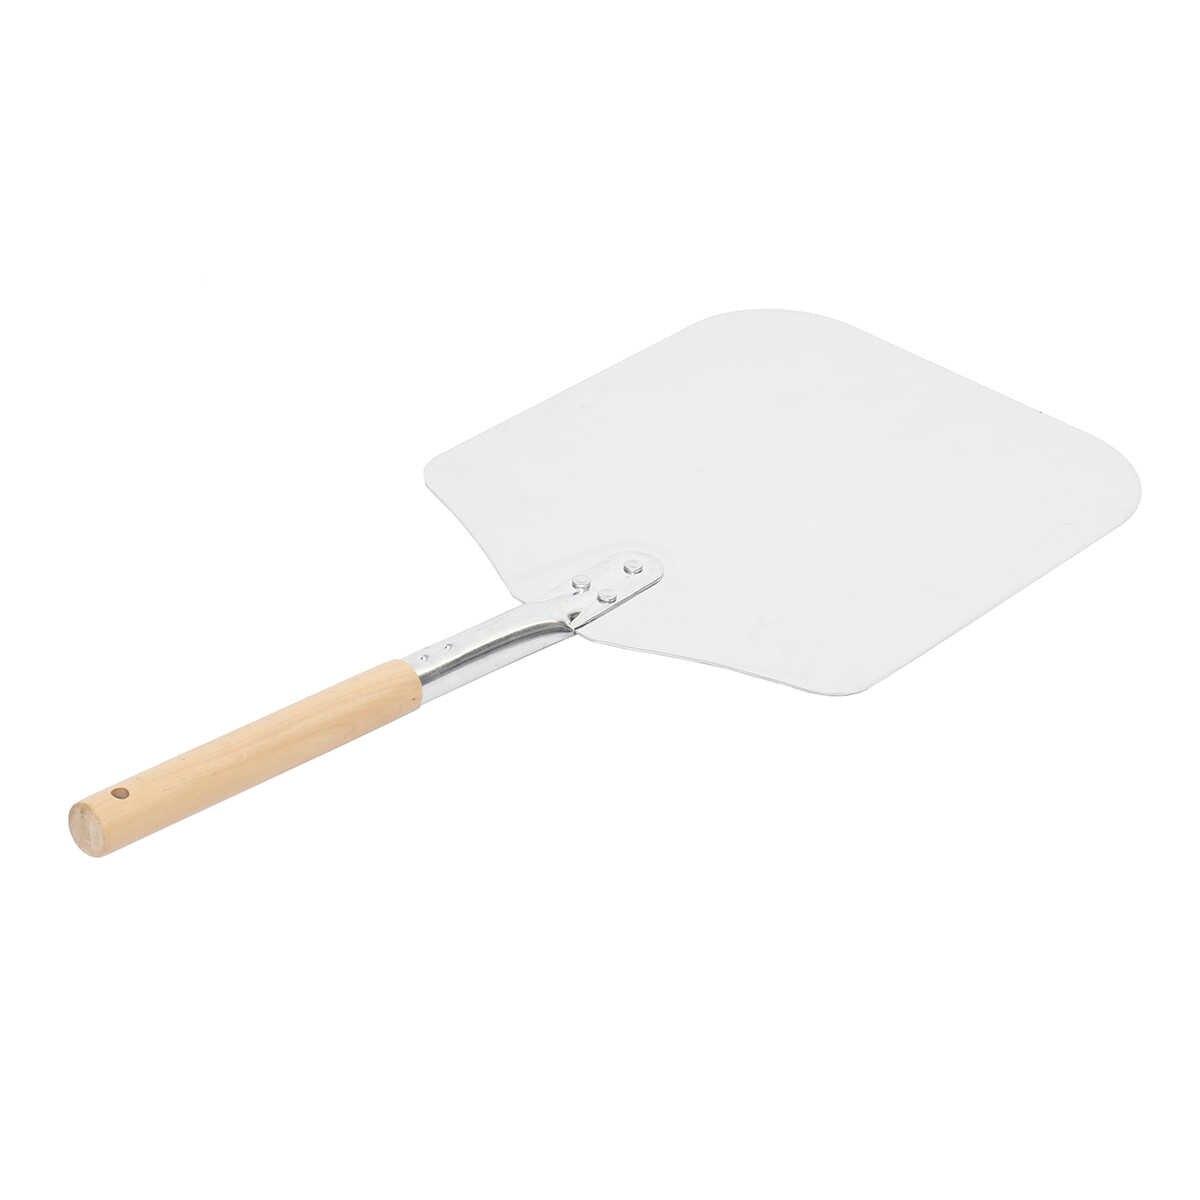 Pizza Spatula Sekop Kue Lifter Pelat Paduan Aluminium Pemegang Baking Alat Keju Cutter Kulit Gadget Bakeware Dapur Aksesoris